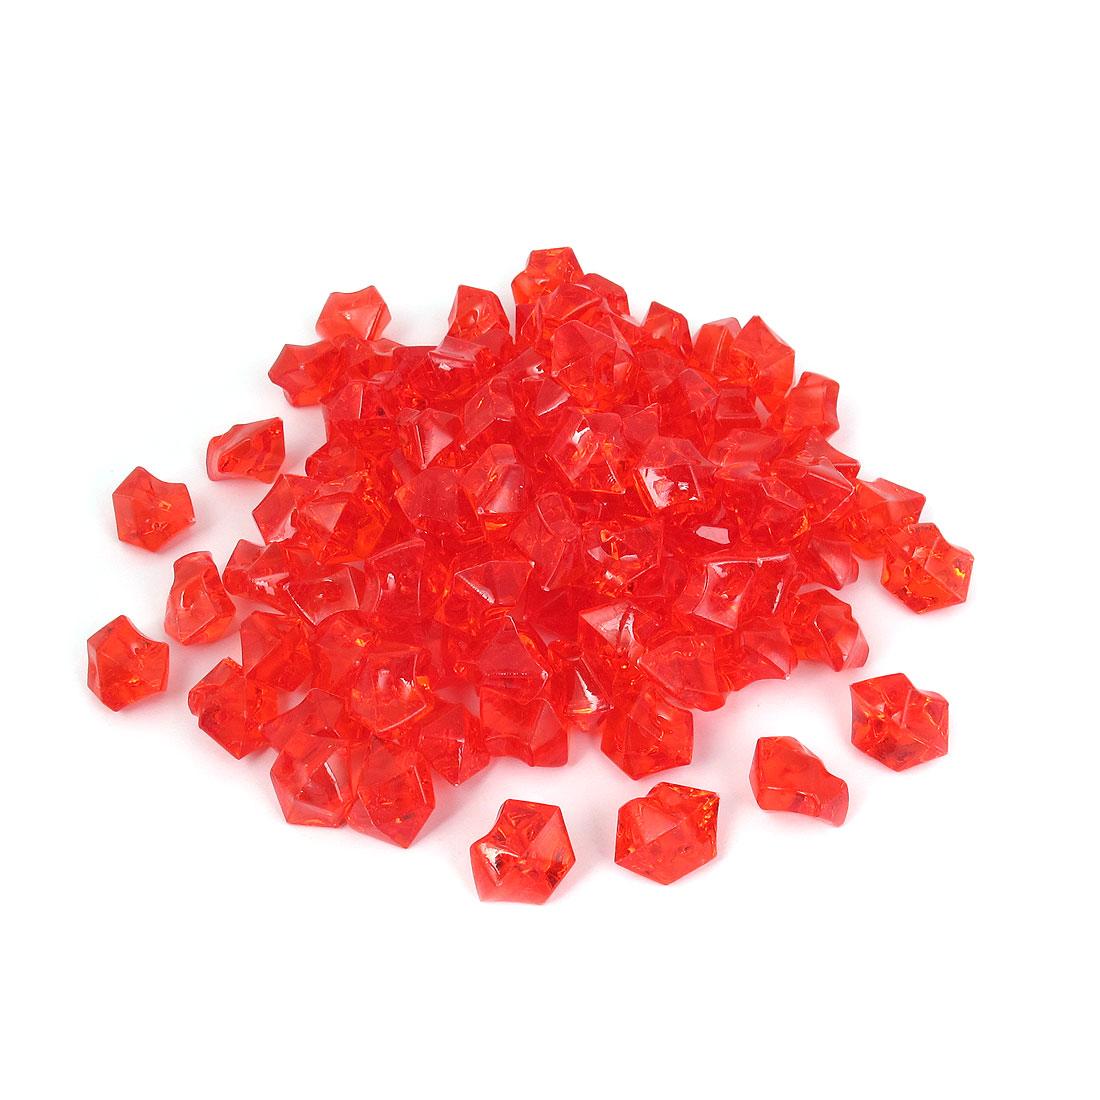 111 Pcs 2.5cm Length Red Plastic Atificial Polygon Decoration Aquarium Plastic Crystal Stones for Fish Tank Aquarium